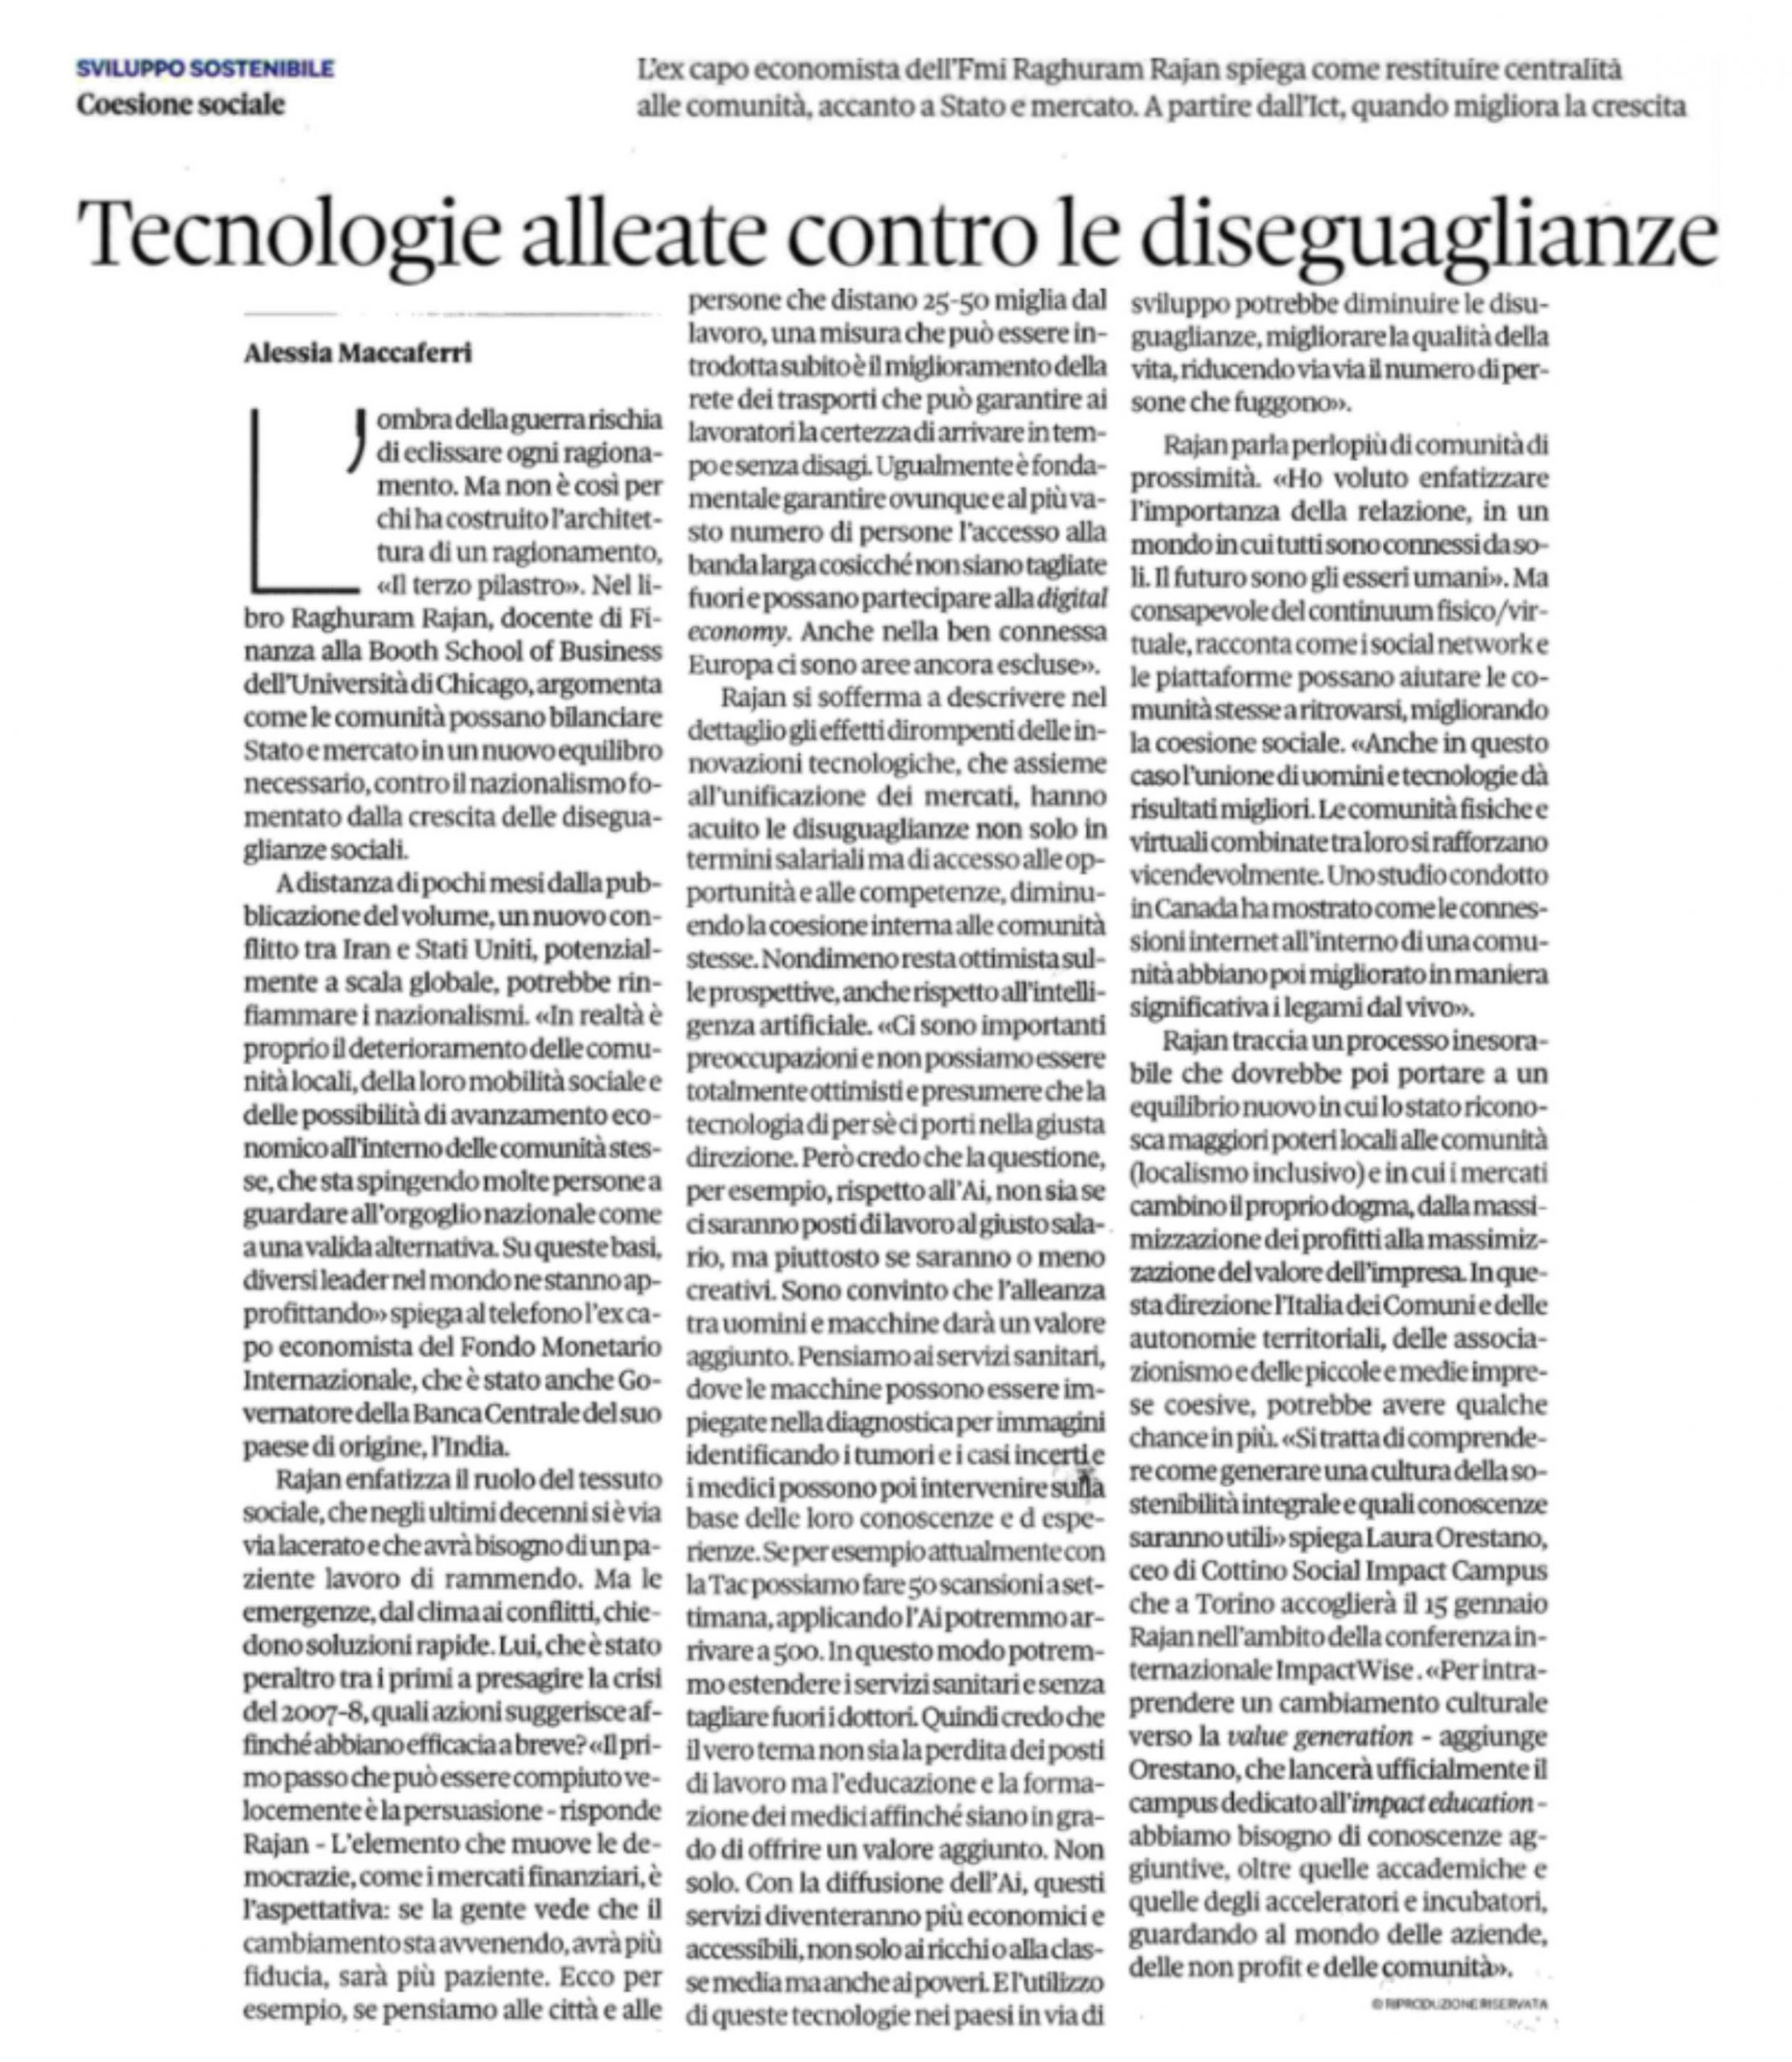 Tecnologie alleate contro le diseguaglianze